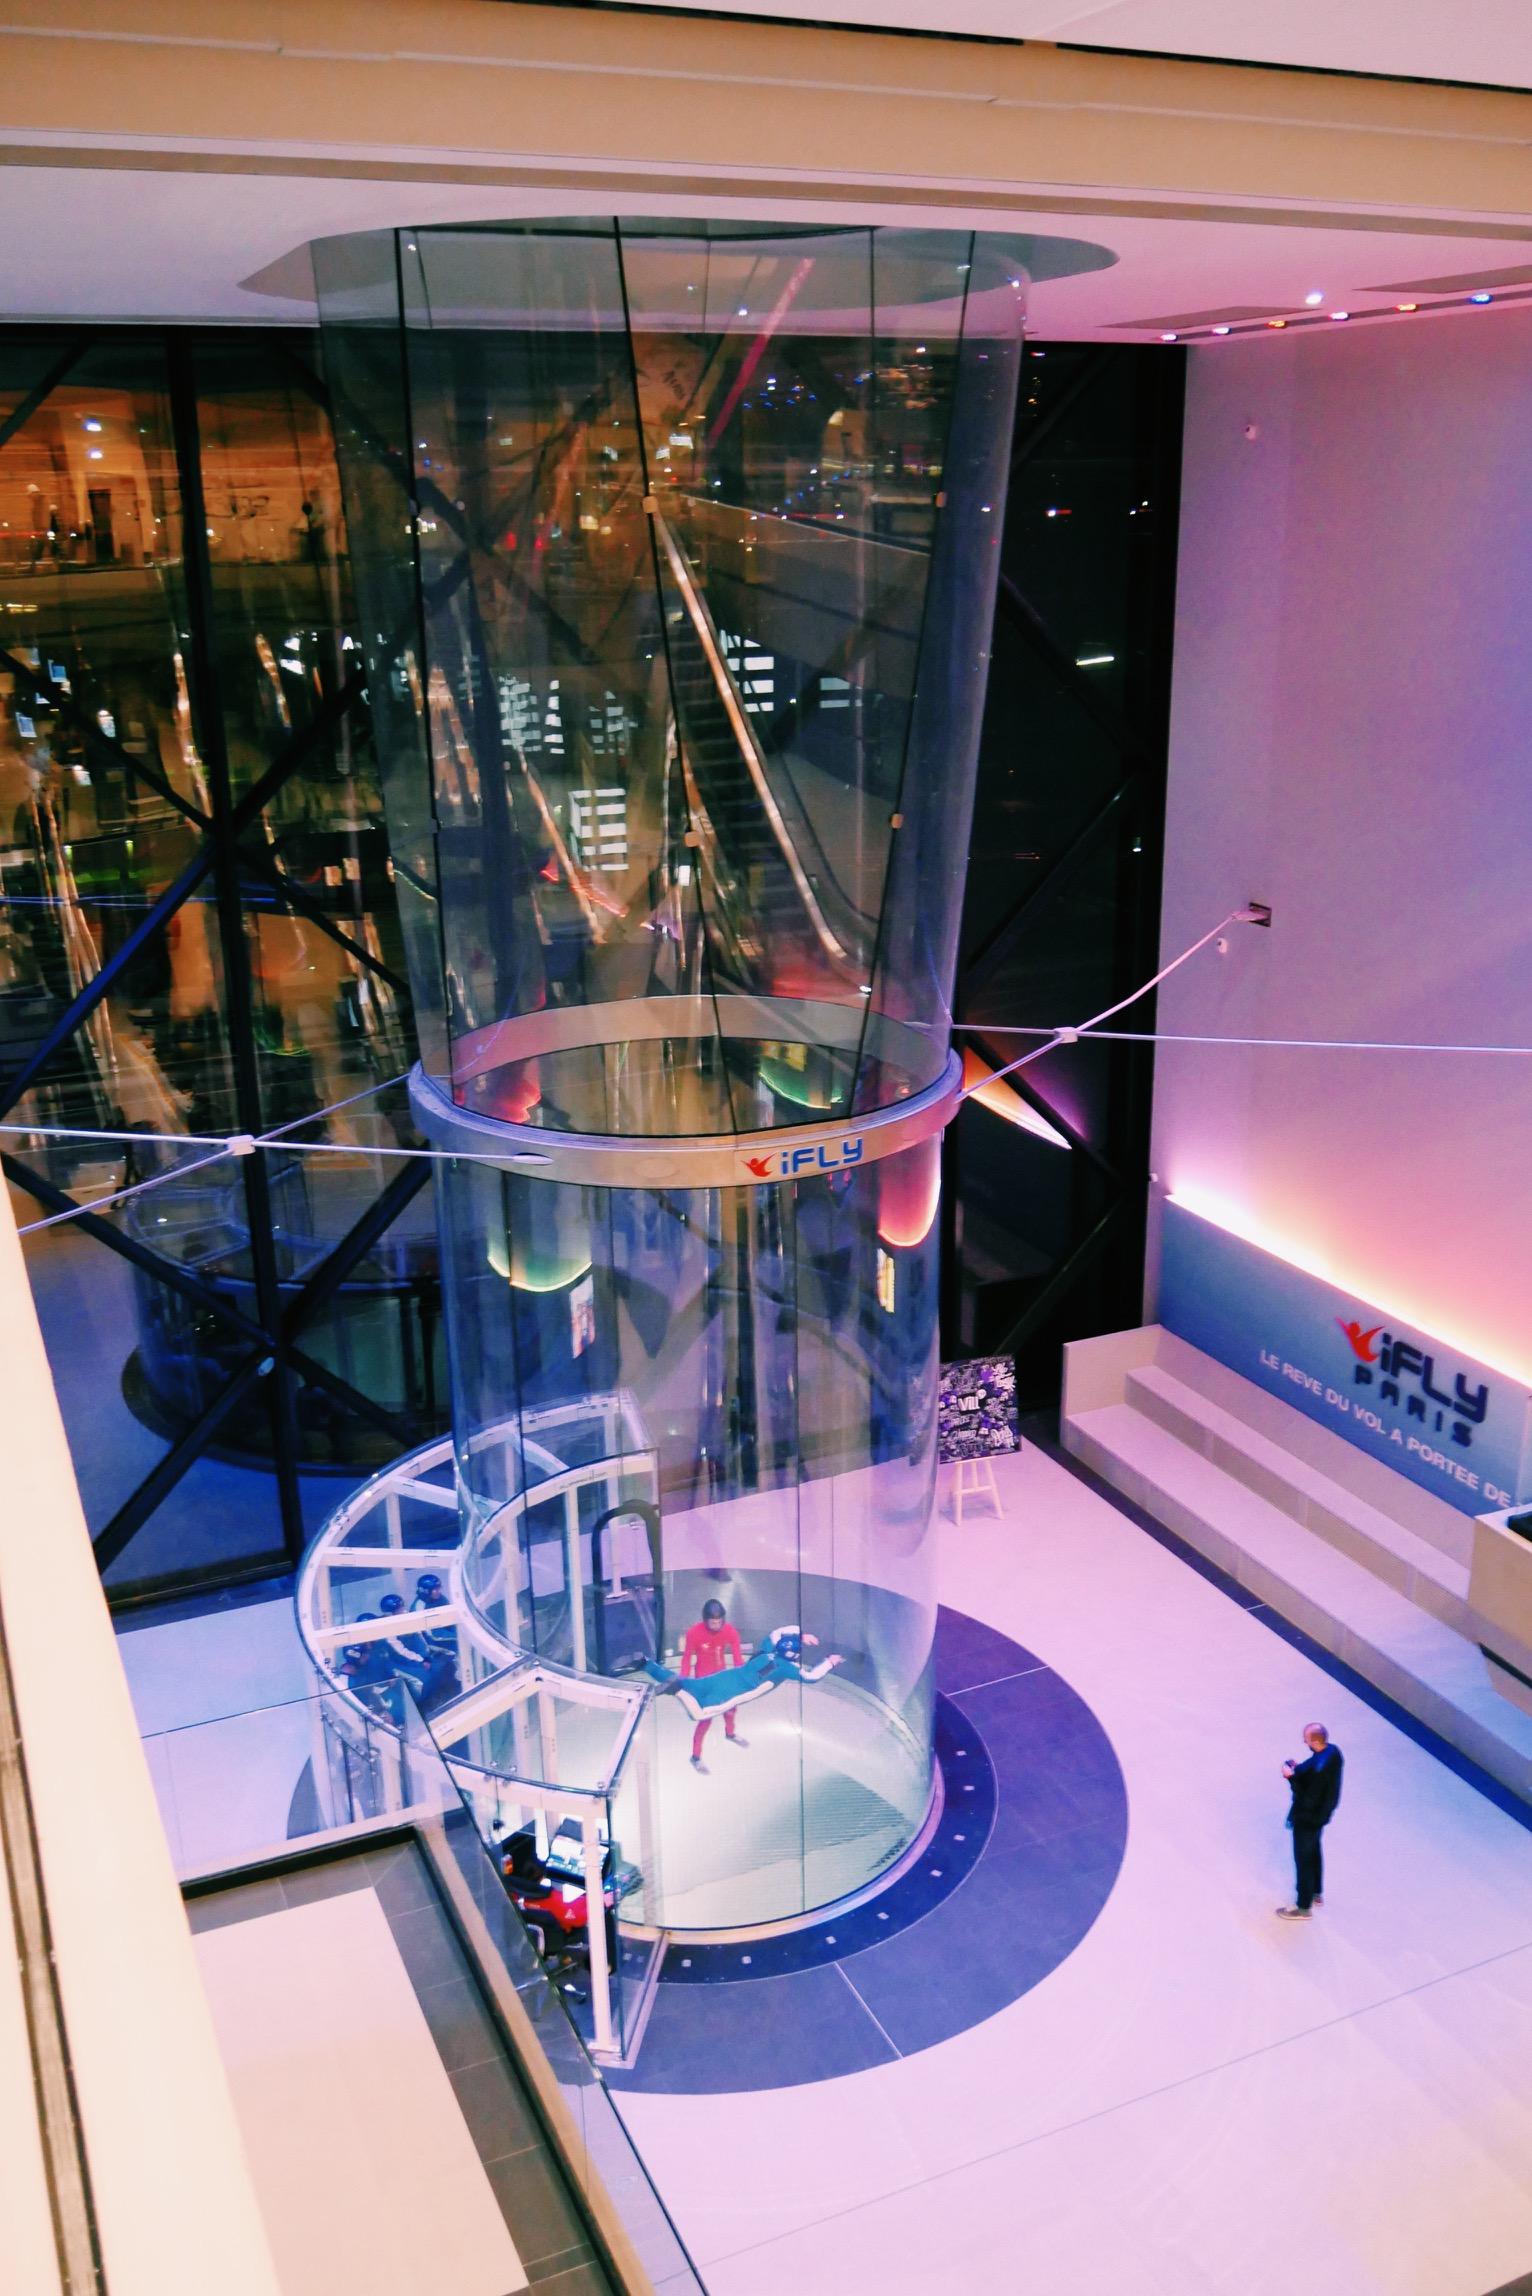 Ifly-France-simulateur-chute-libre-indoor-Vill-Up-La-Villette-Paris-photo-usofparis-blog